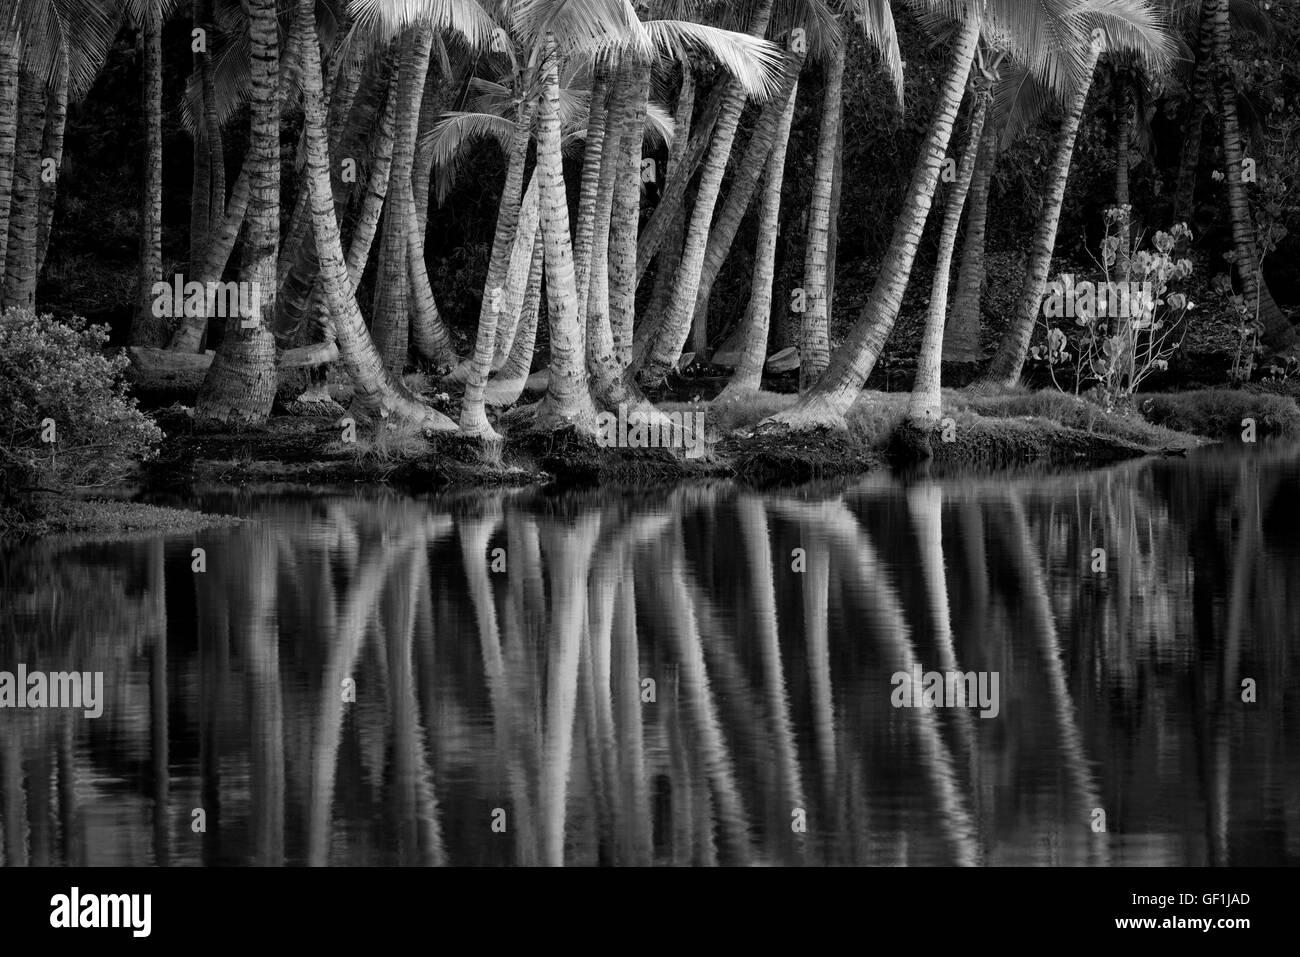 Palmen im Wasser des Lahuipua'a und Kaaiopio Teiche widerspiegeln. Hawaiis Big Island Stockbild